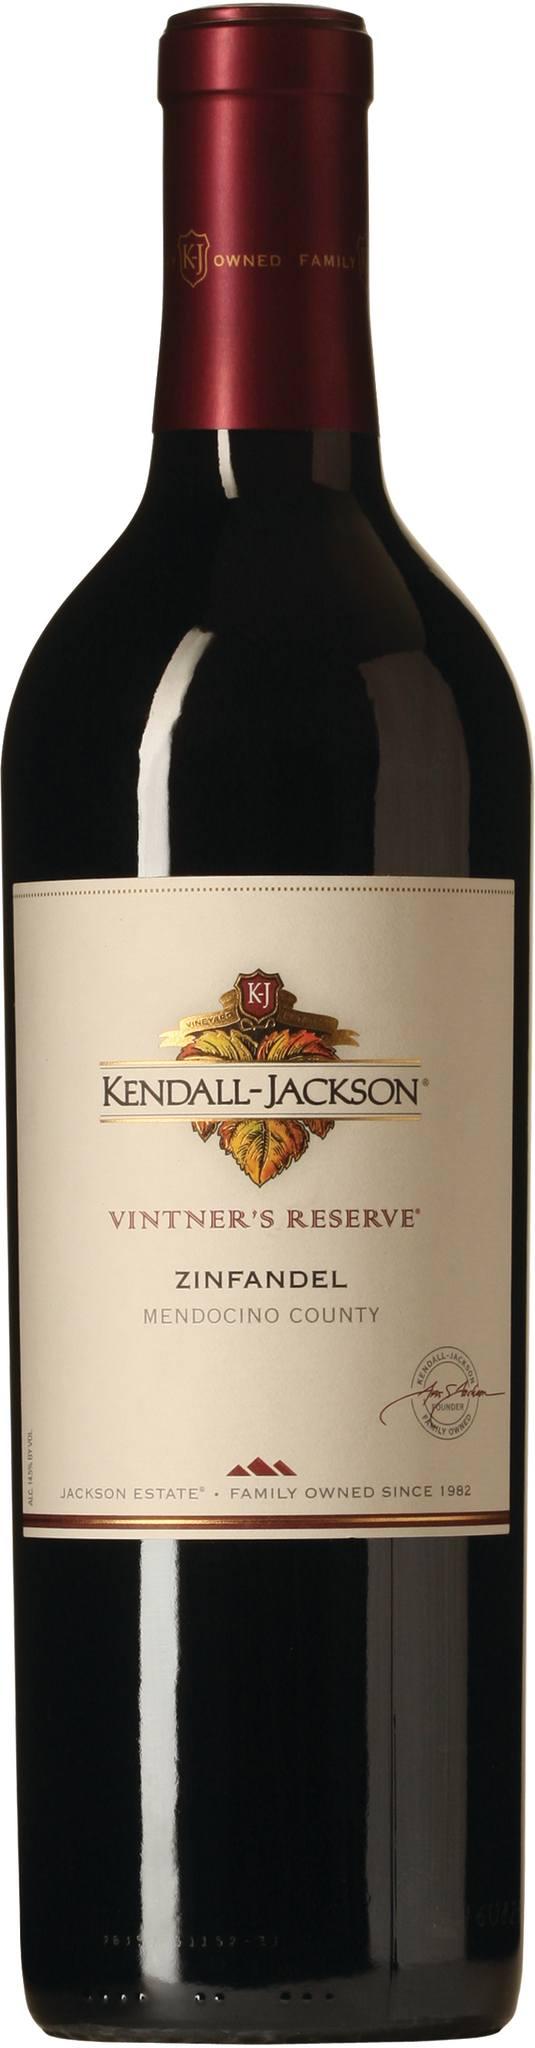 Kendall-Jackson Vintners Reserve Zinfandel 2016